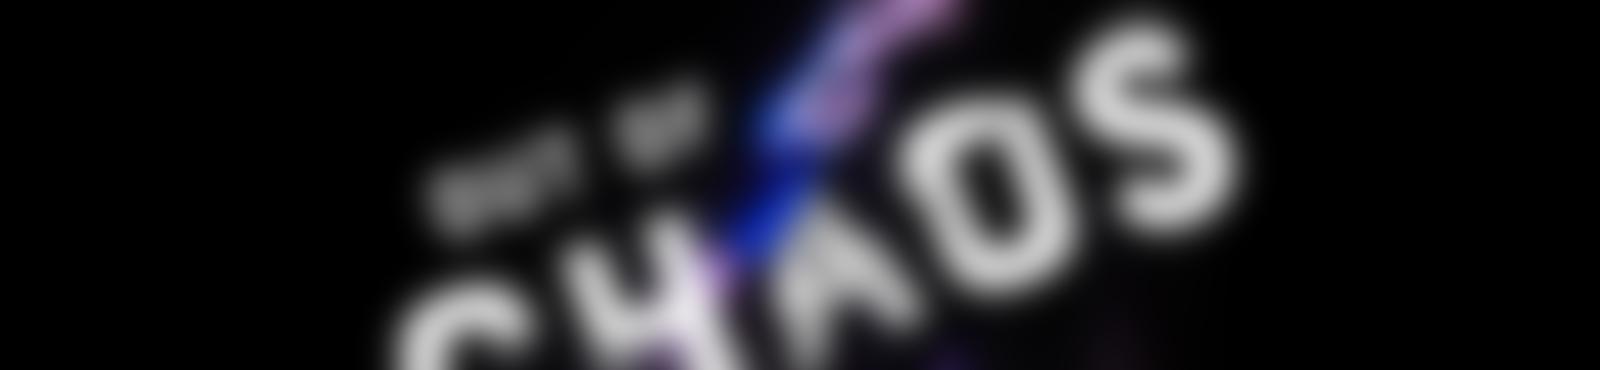 Blurred 7a700472 e633 400c 8b70 53012fd40fea